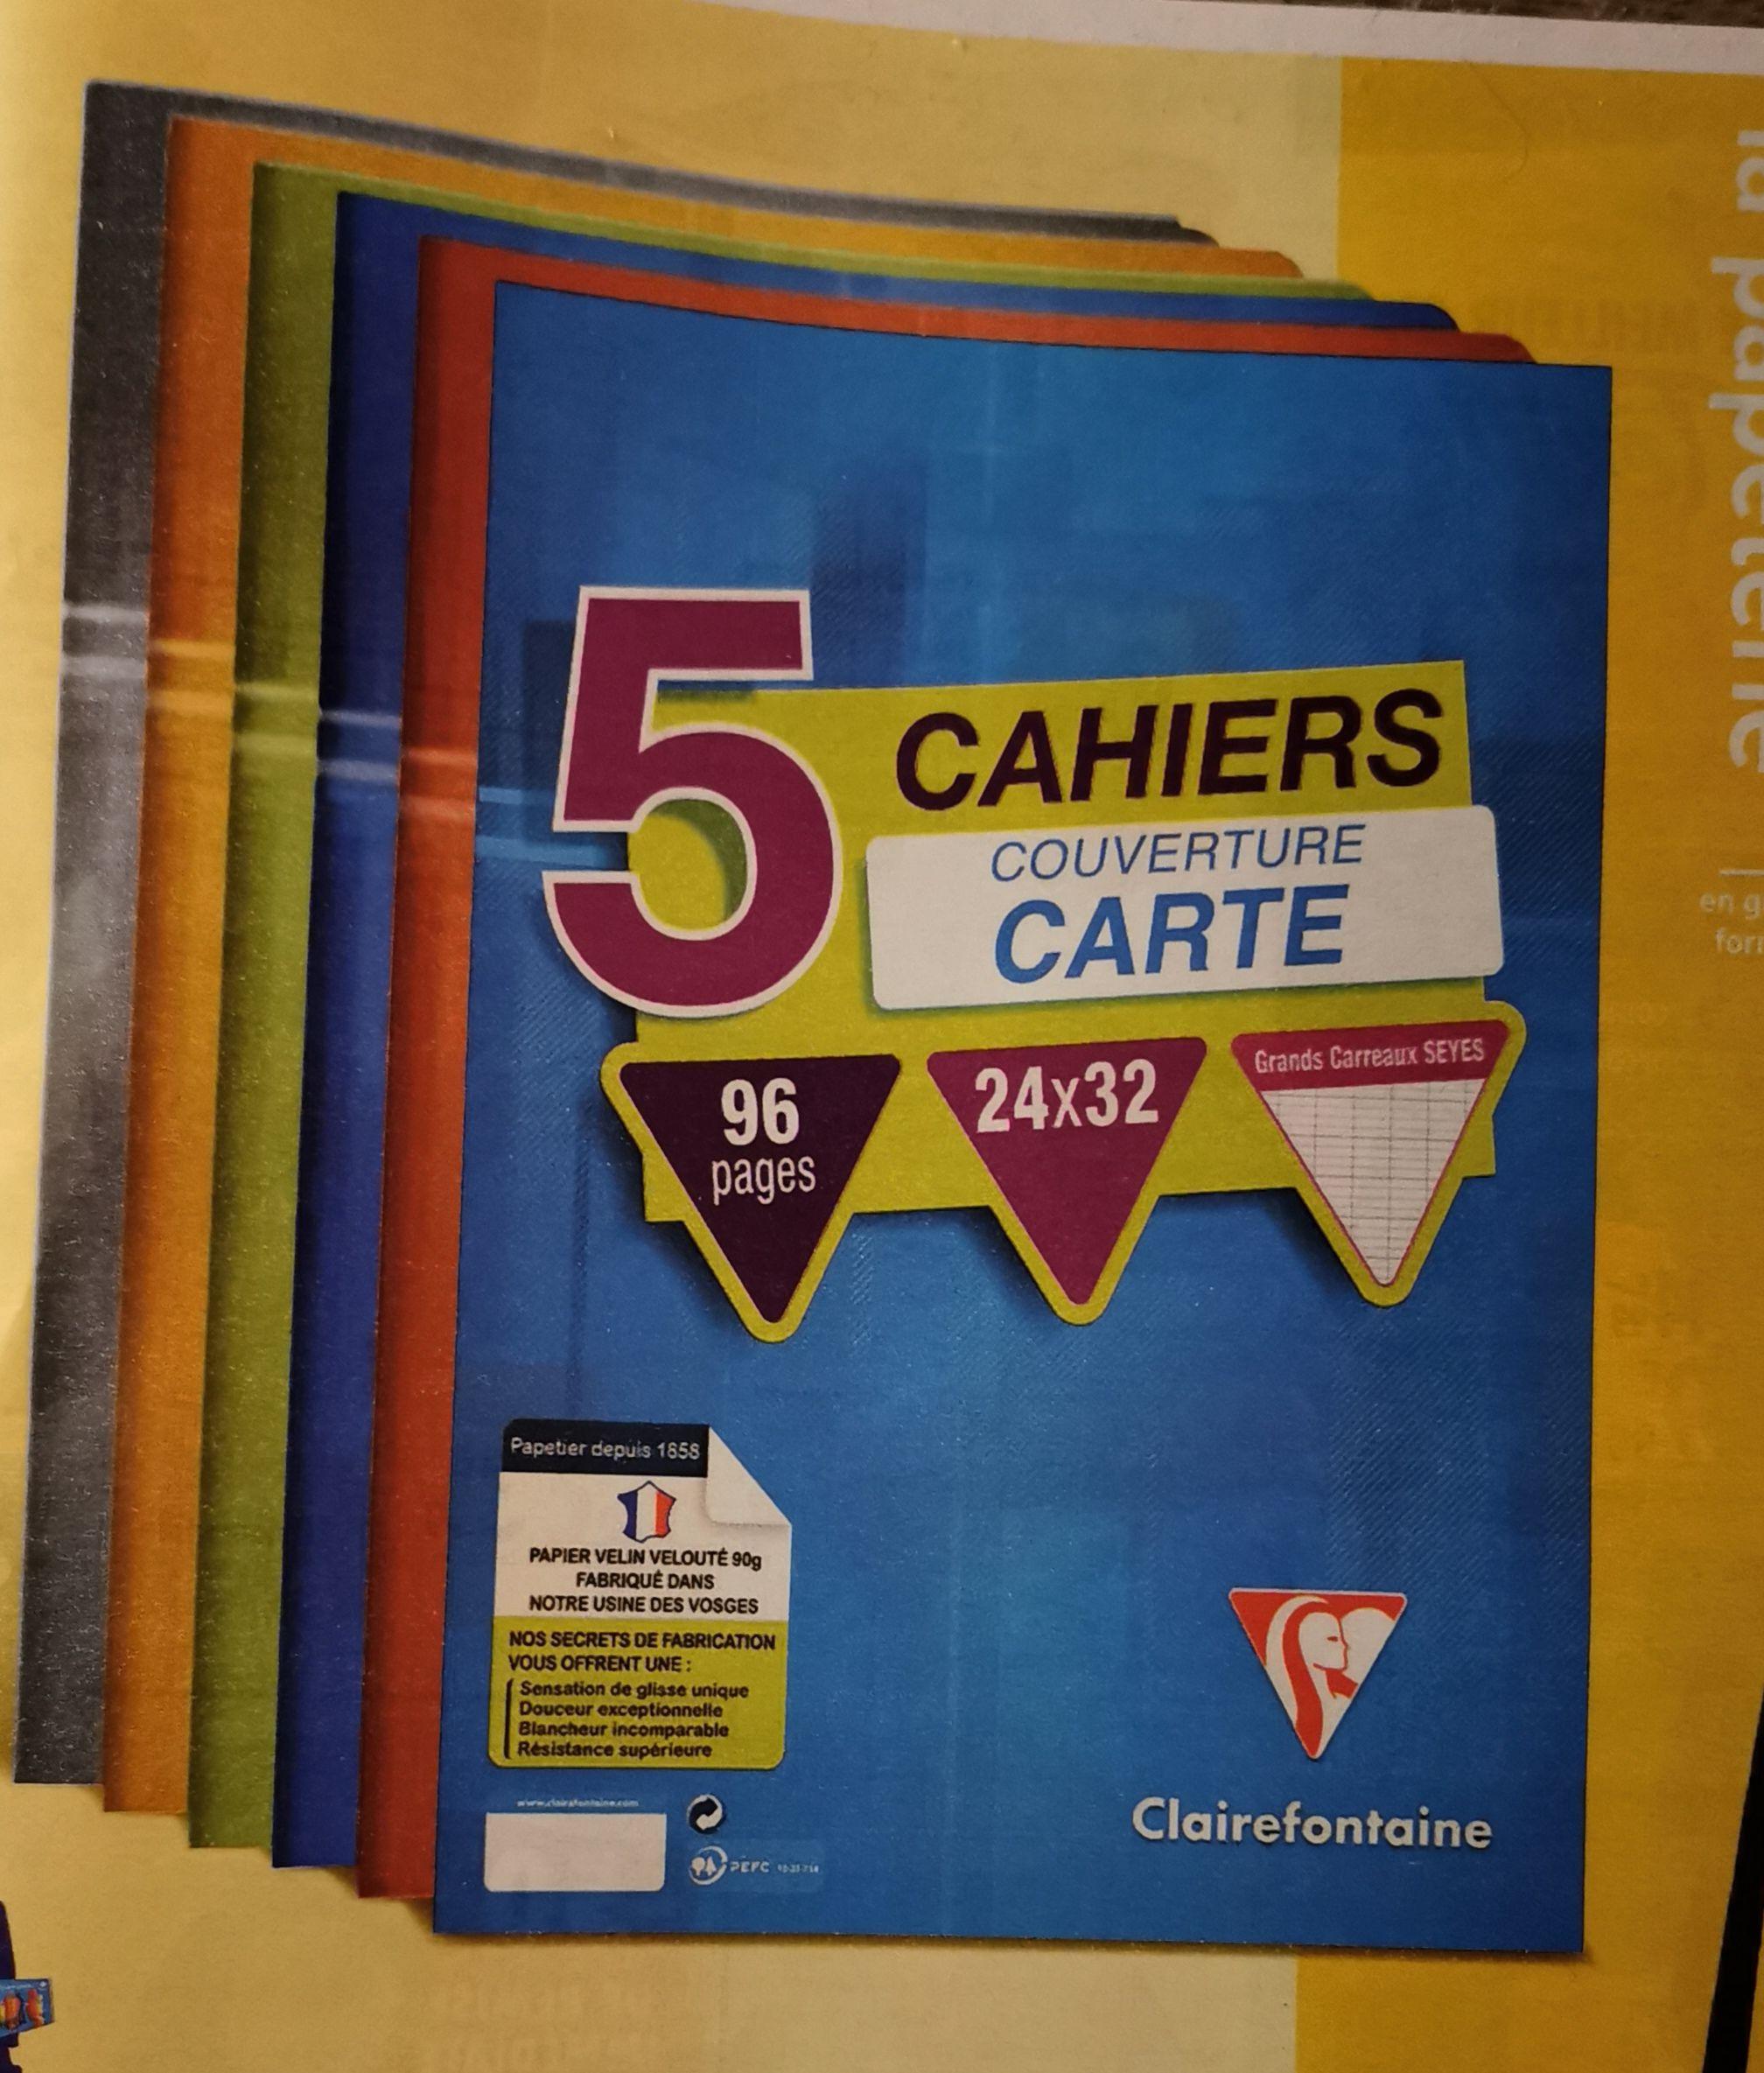 Lot de 5 cahiers 24x32cm Clairefontaine - 96 pages, grands carreaux, couverture carte peliculée (via 4.56€ carte de fidélité)